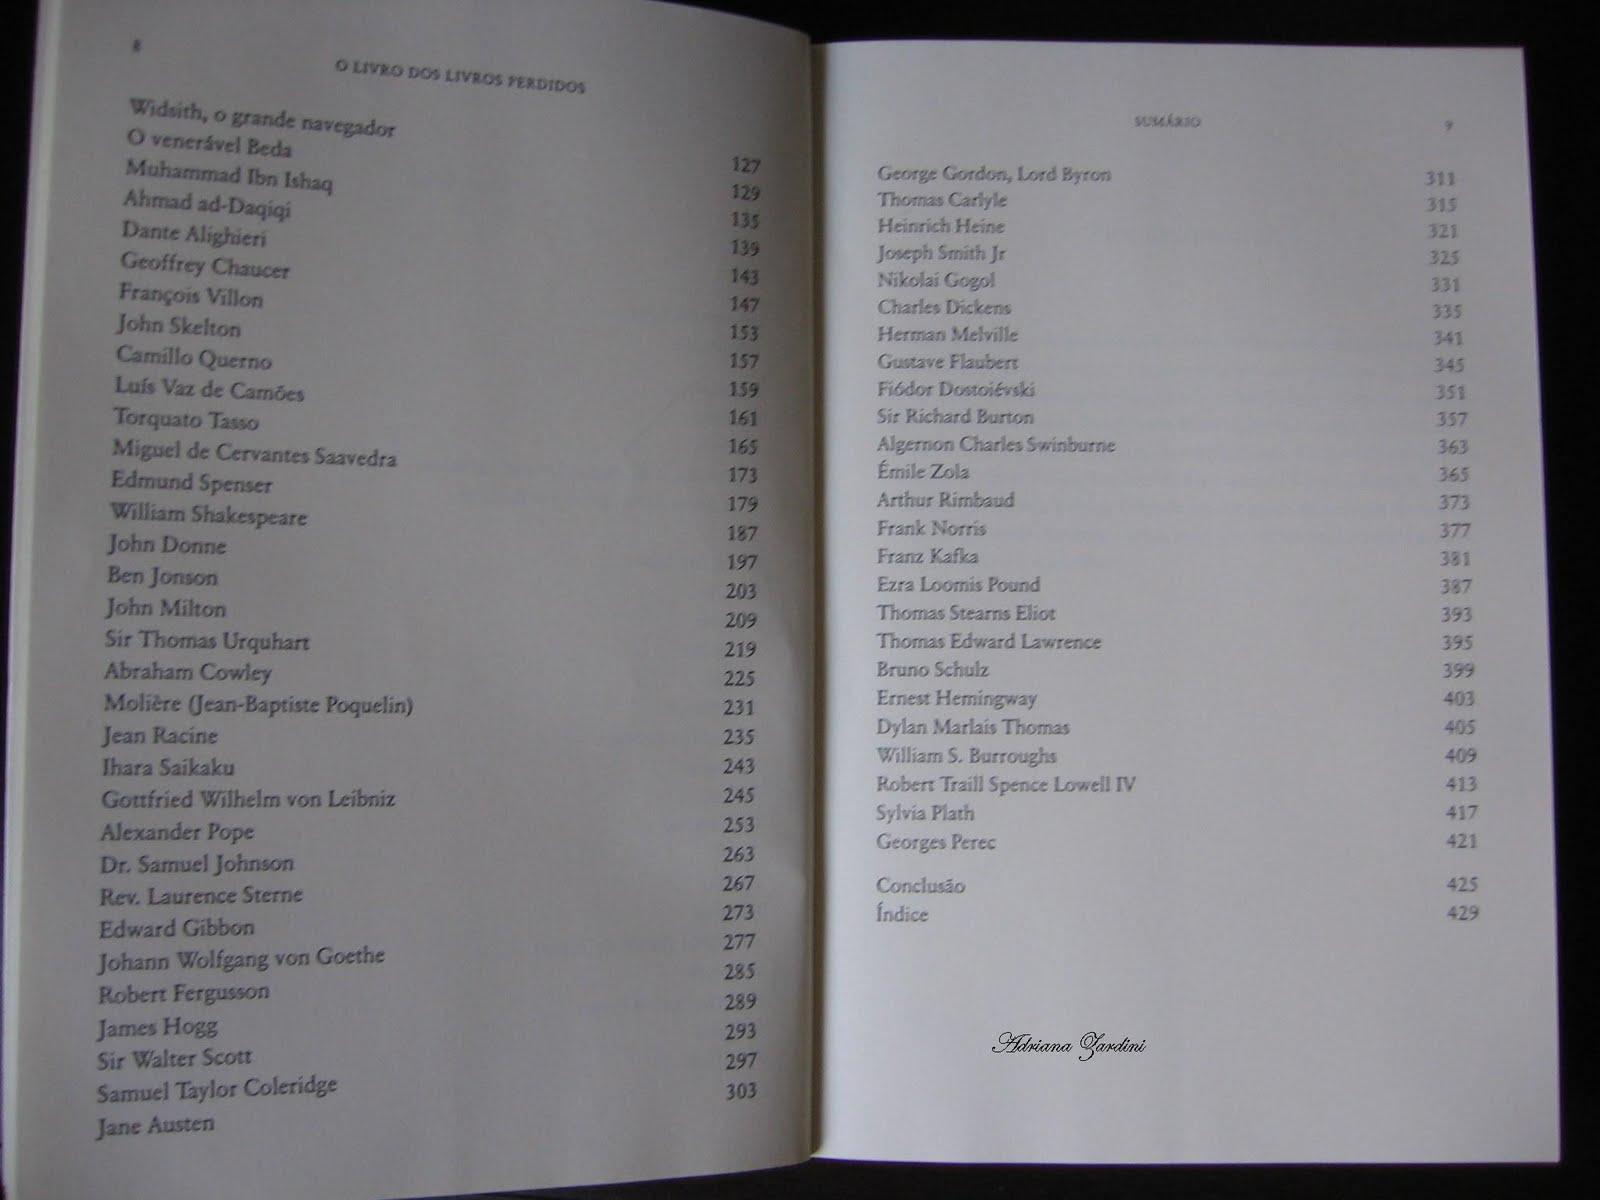 Citaes dos livros jane austen brasil o livro composto por diversos captulos sobre autores diversos por questo de tempo vou colocar aqui a lista dos autores em forma de imagem clique na fandeluxe Gallery